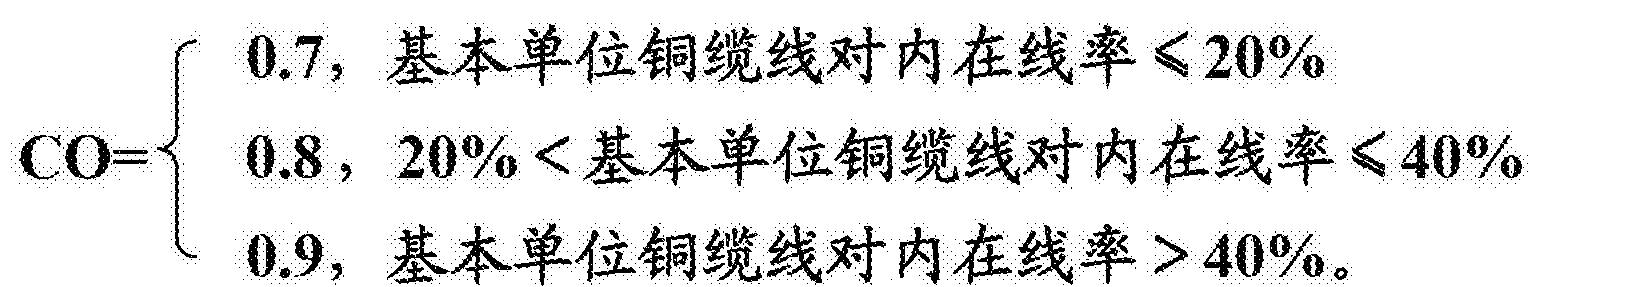 Figure CN104219172BD00081